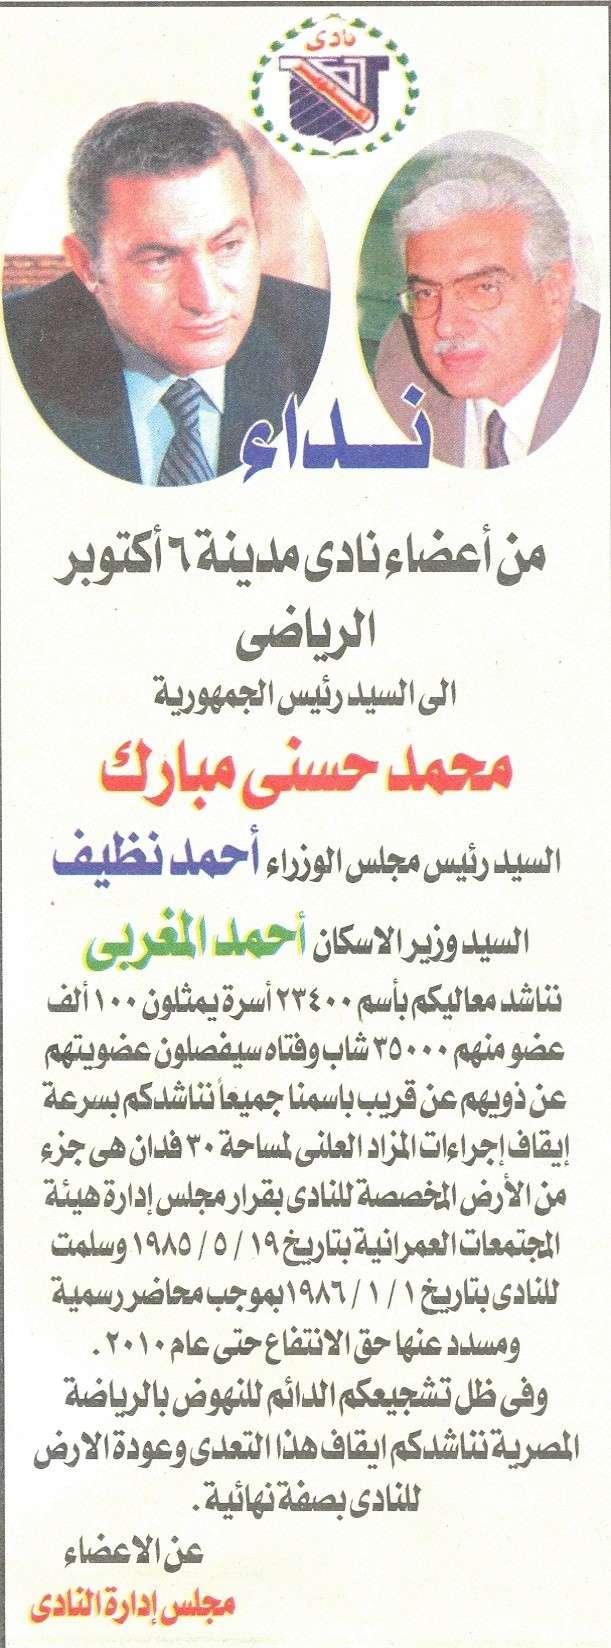 أقوال وصور الصحف.. ملف وثائقى حول ملف أرض النادى Shasb_10